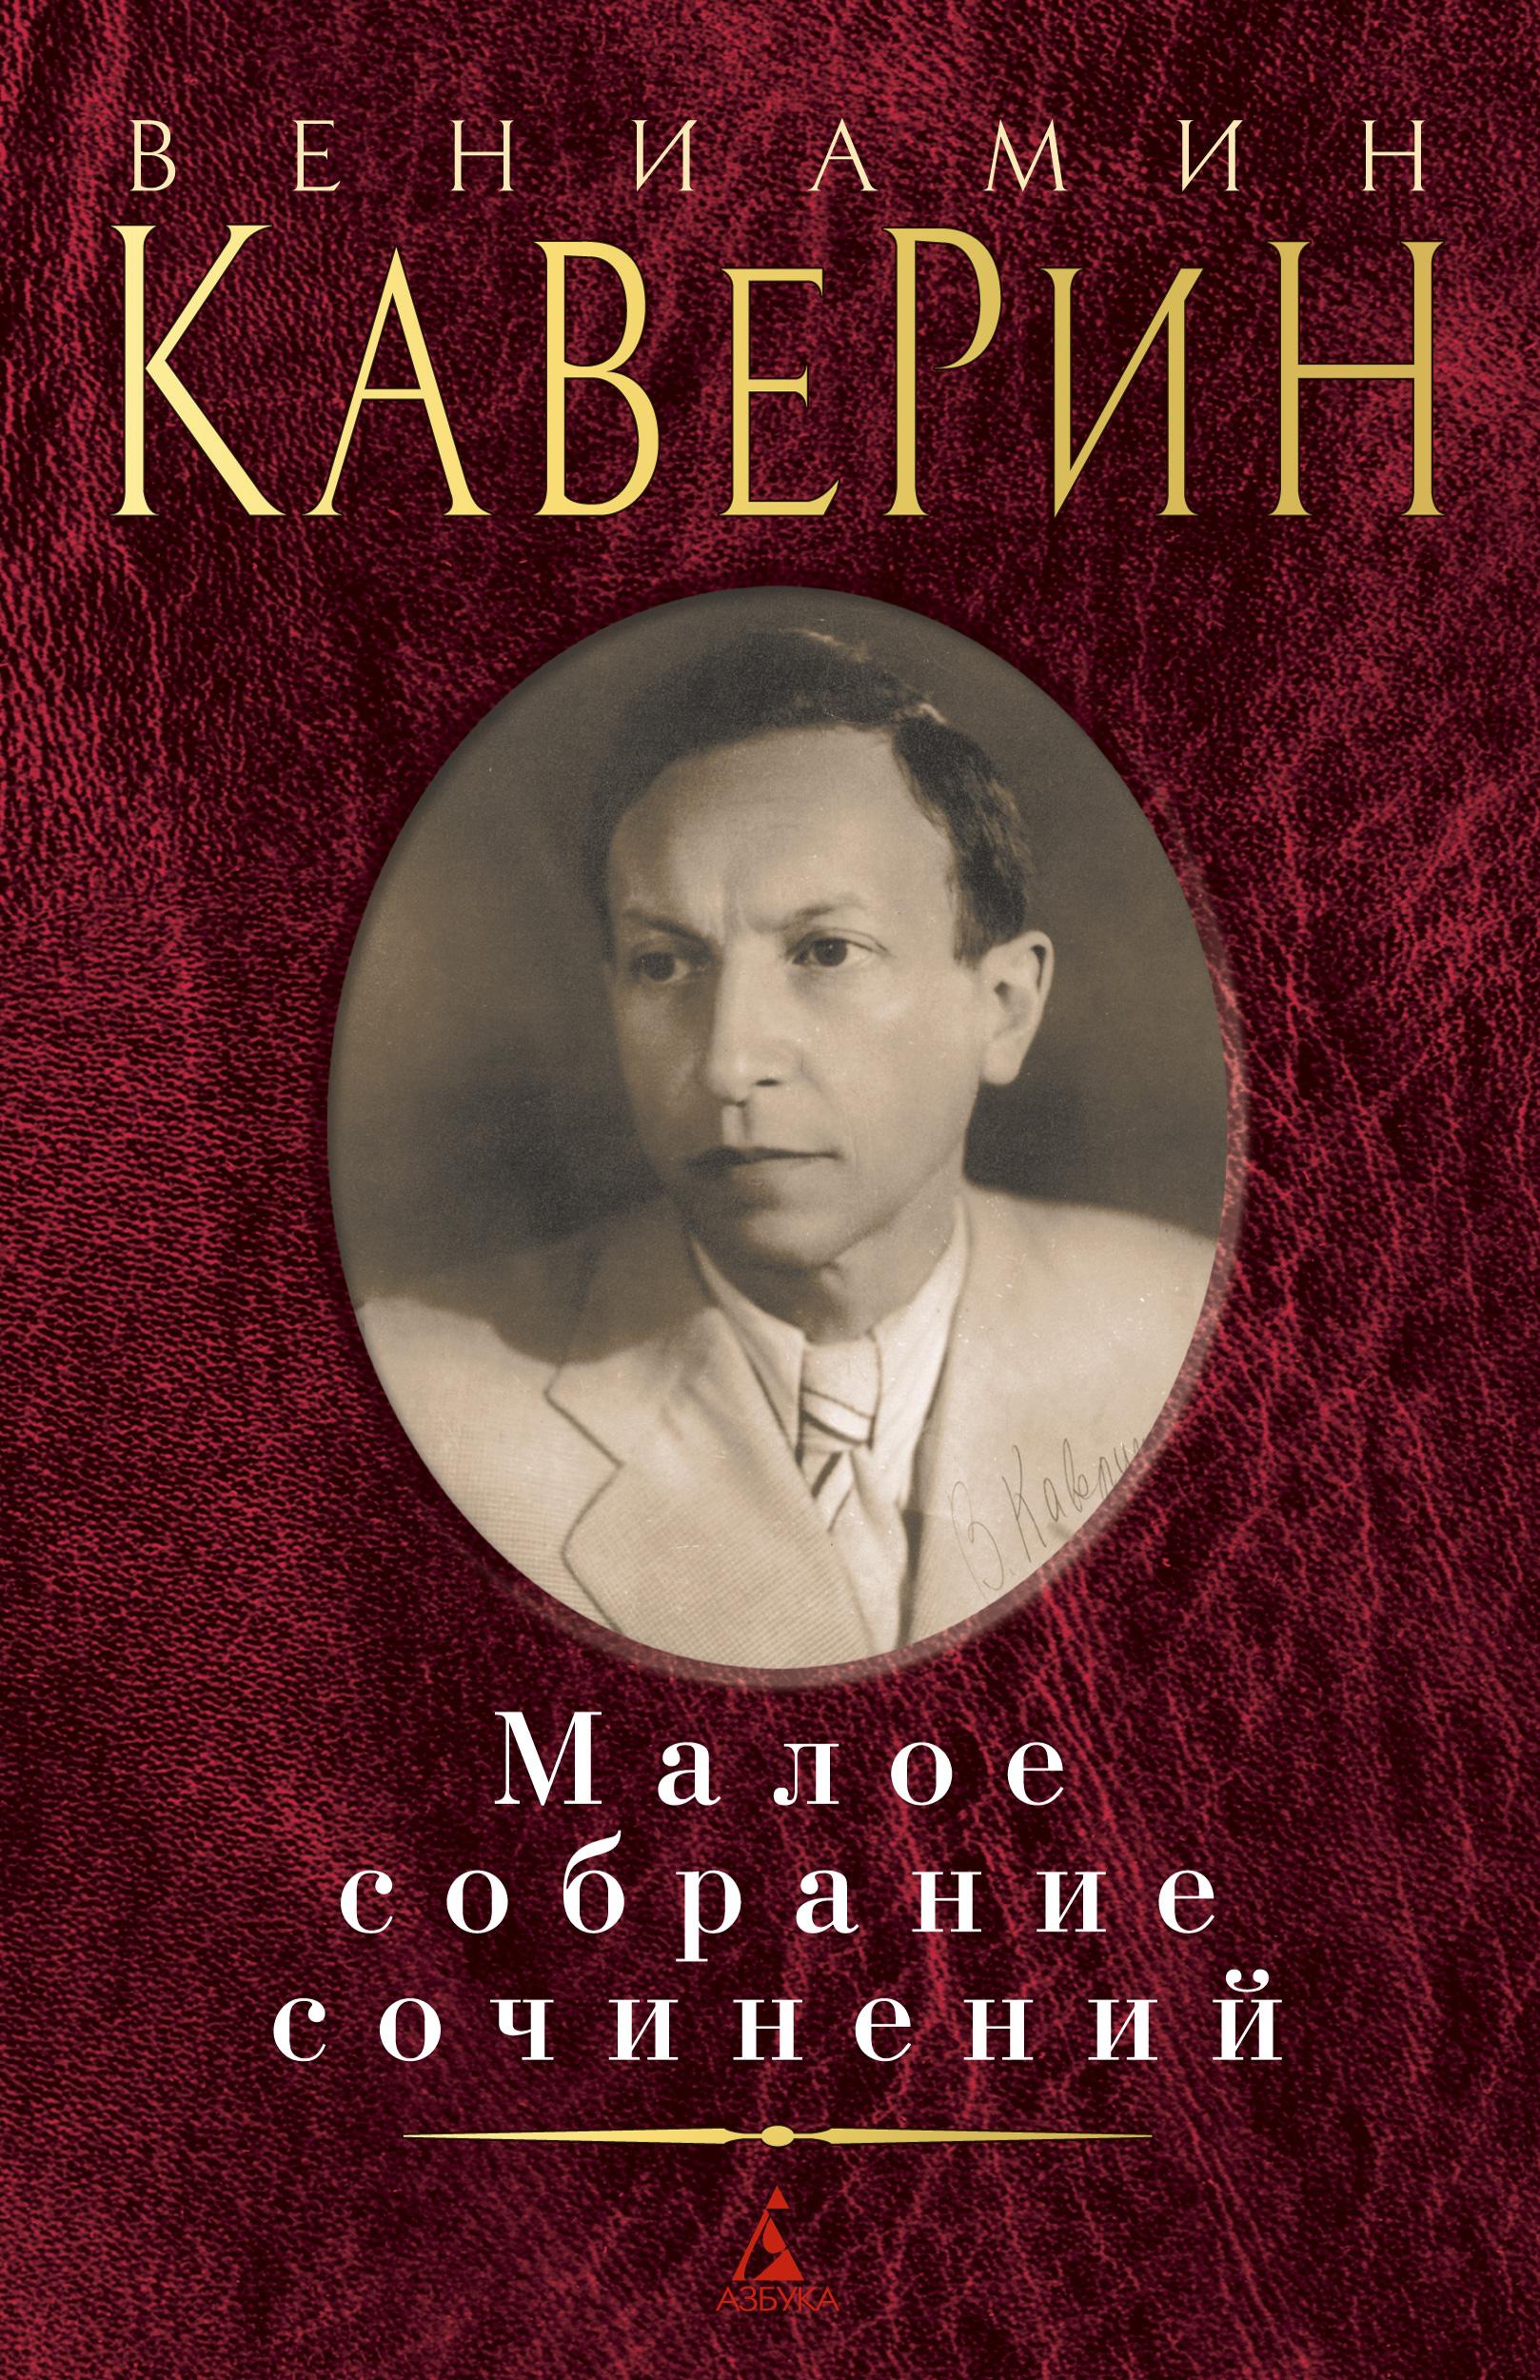 Малое собрание сочинений/Каверин В.